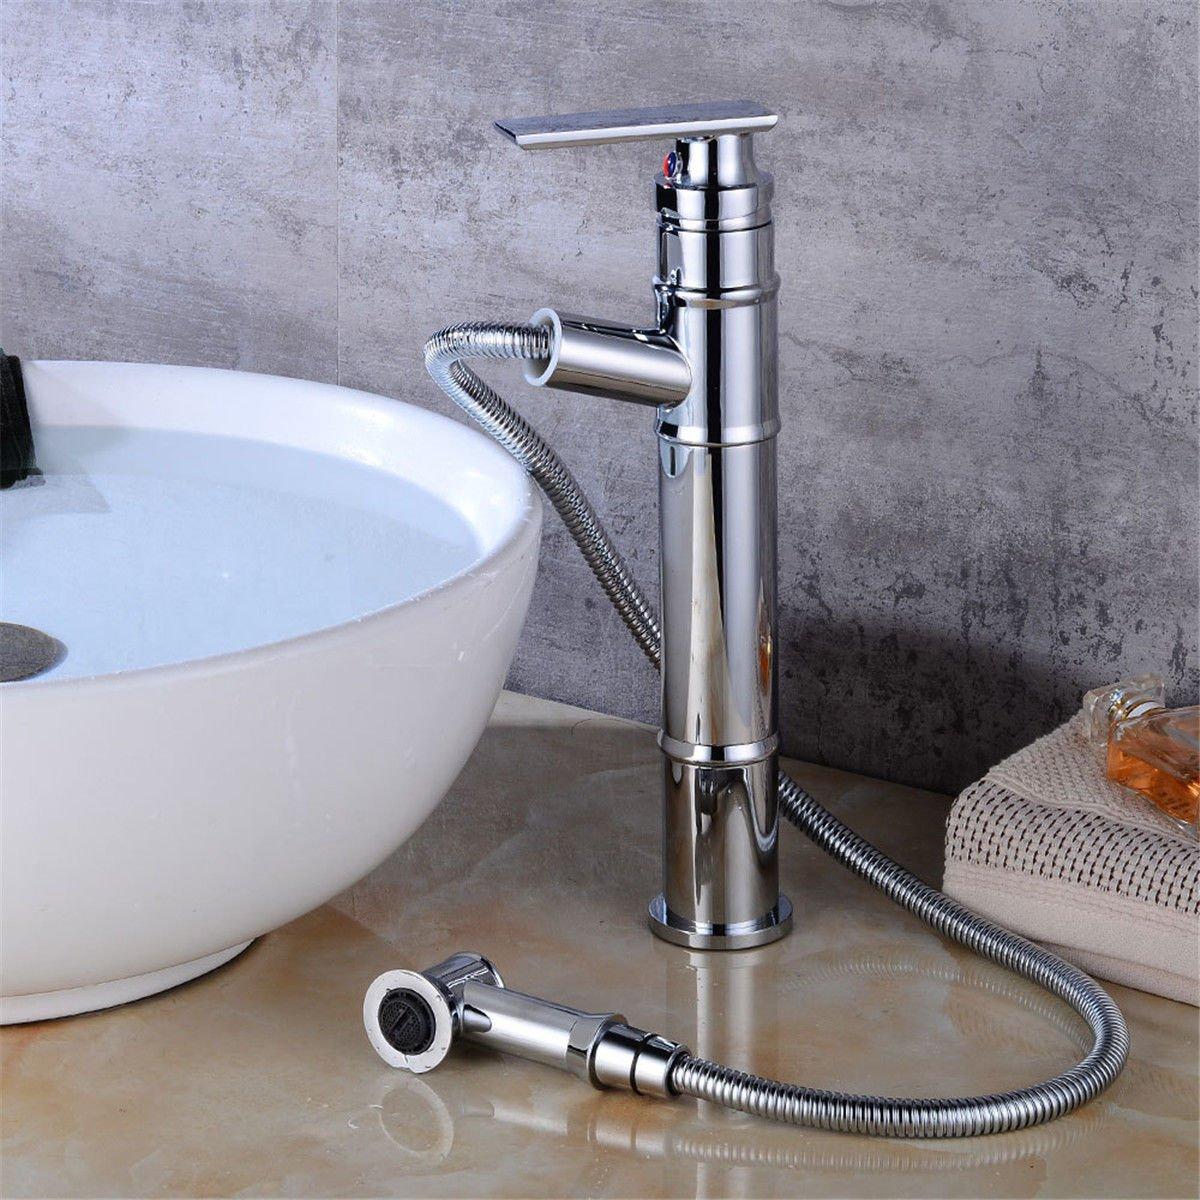 MEIBATH Waschtischarmatur Badezimmer Waschbecken Wasserhahn Küchenarmaturen Verchromt Pull-Out-Warmes und und und Kaltes Wasser Küchen Wasserhahn Badarmatur d054d5